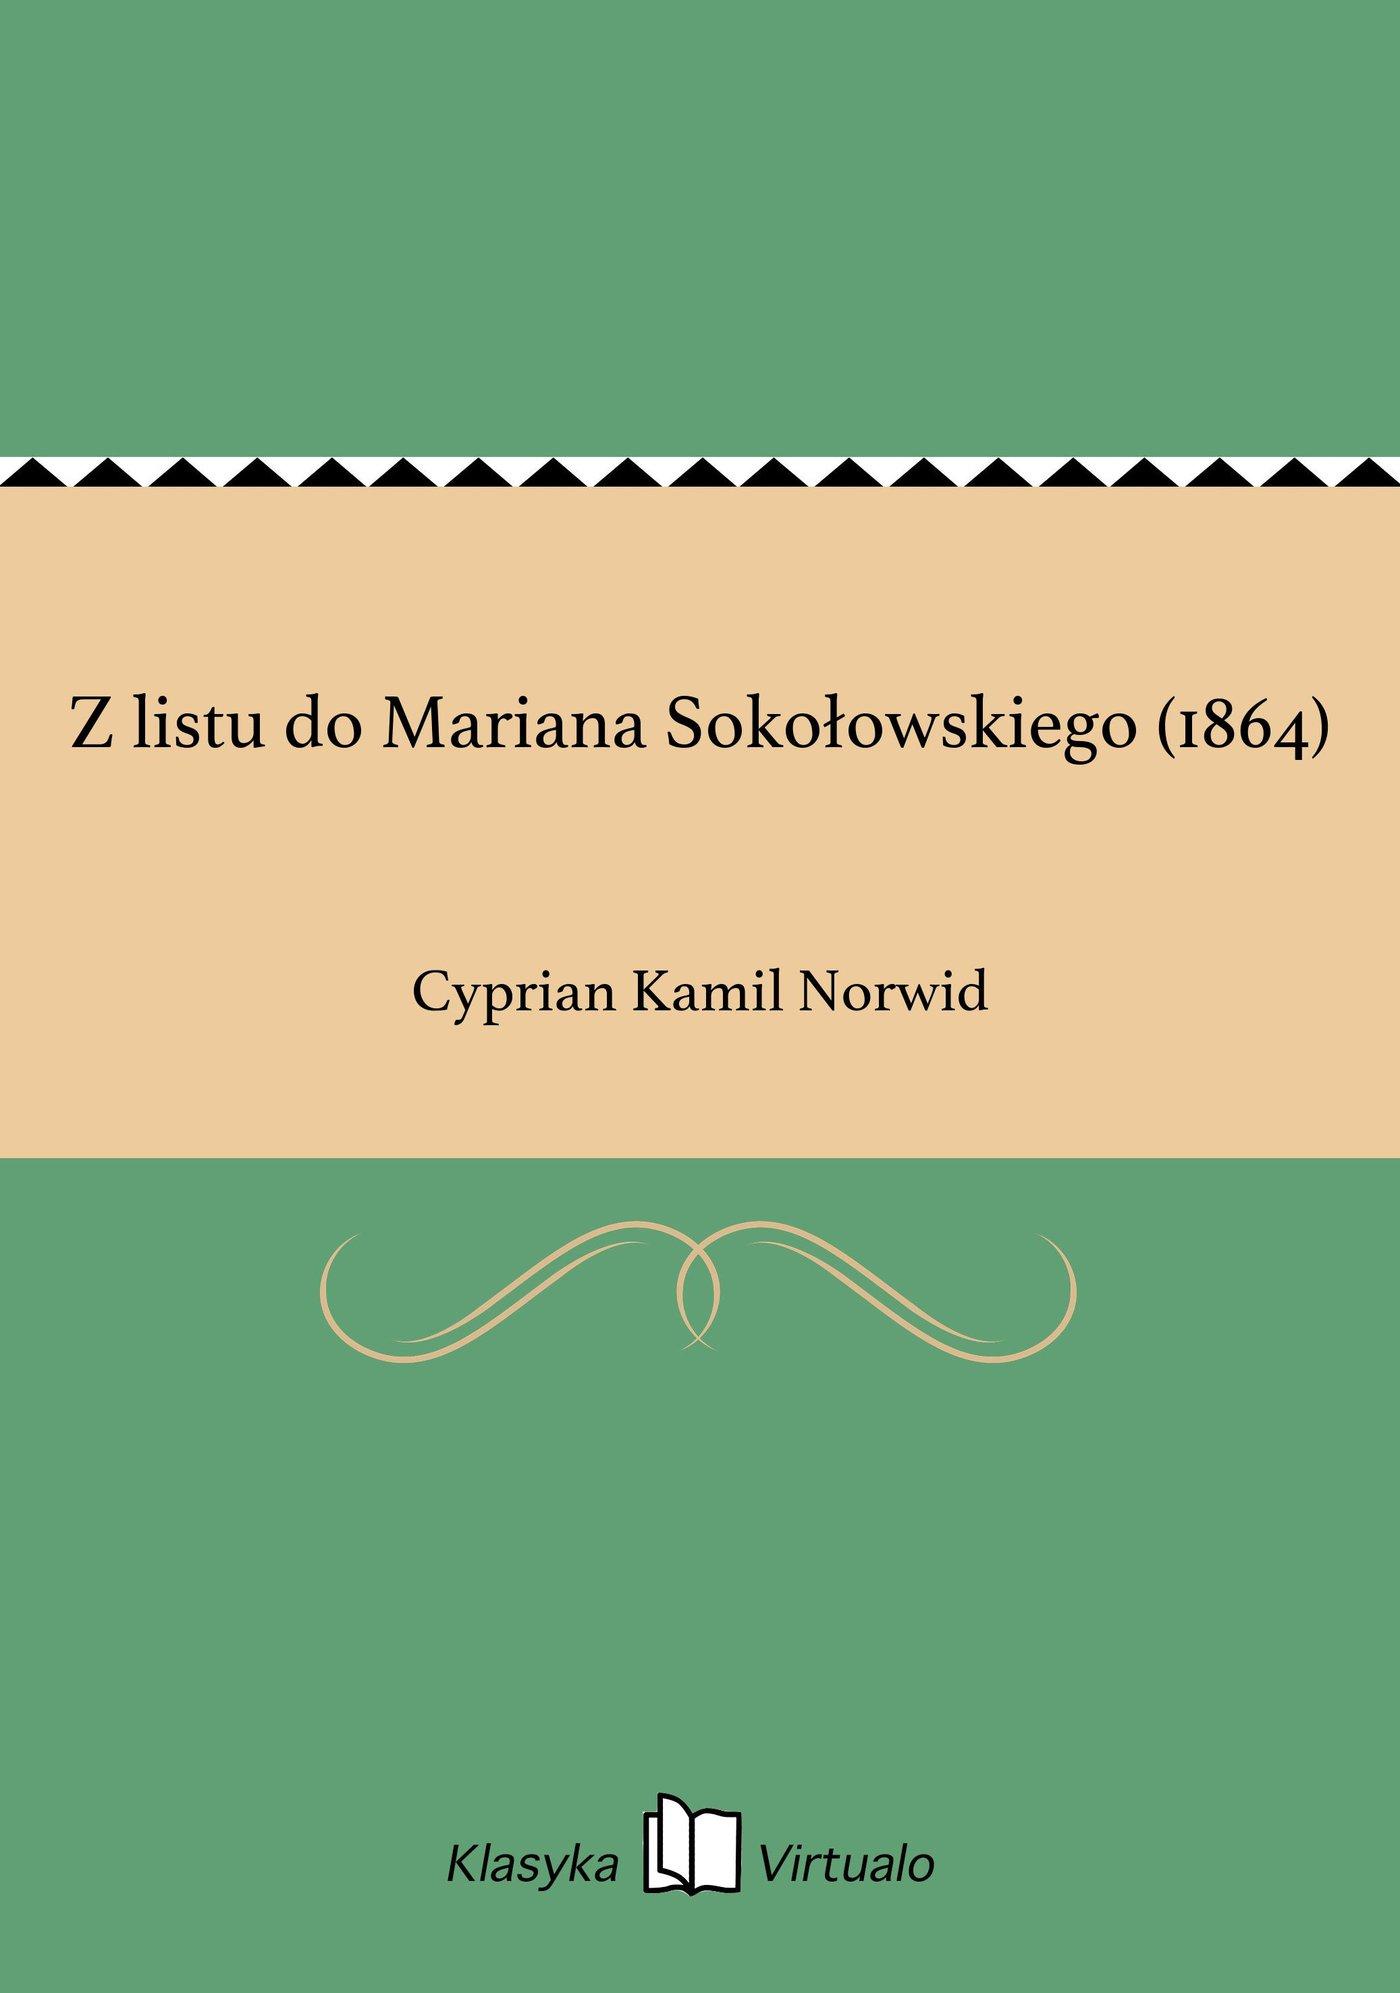 Z listu do Mariana Sokołowskiego (1864) - Ebook (Książka EPUB) do pobrania w formacie EPUB